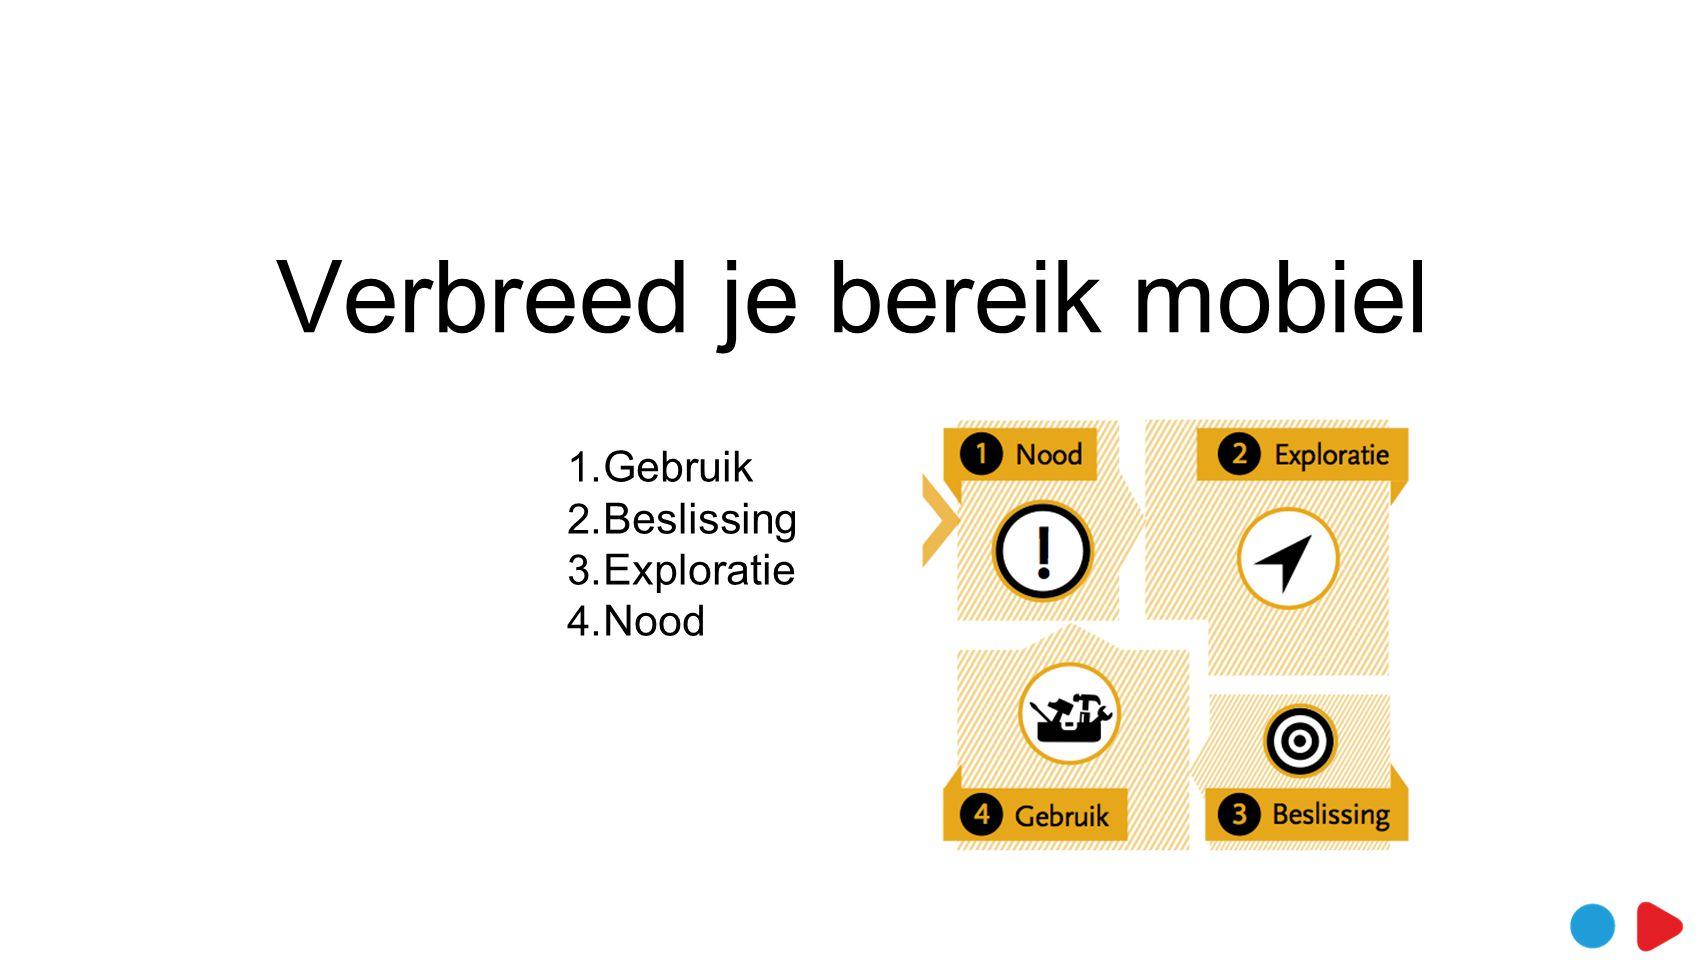 Verbreed je bereik mobiel 1. Gebruik 2. Beslissing 3. Exploratie 4. Nood